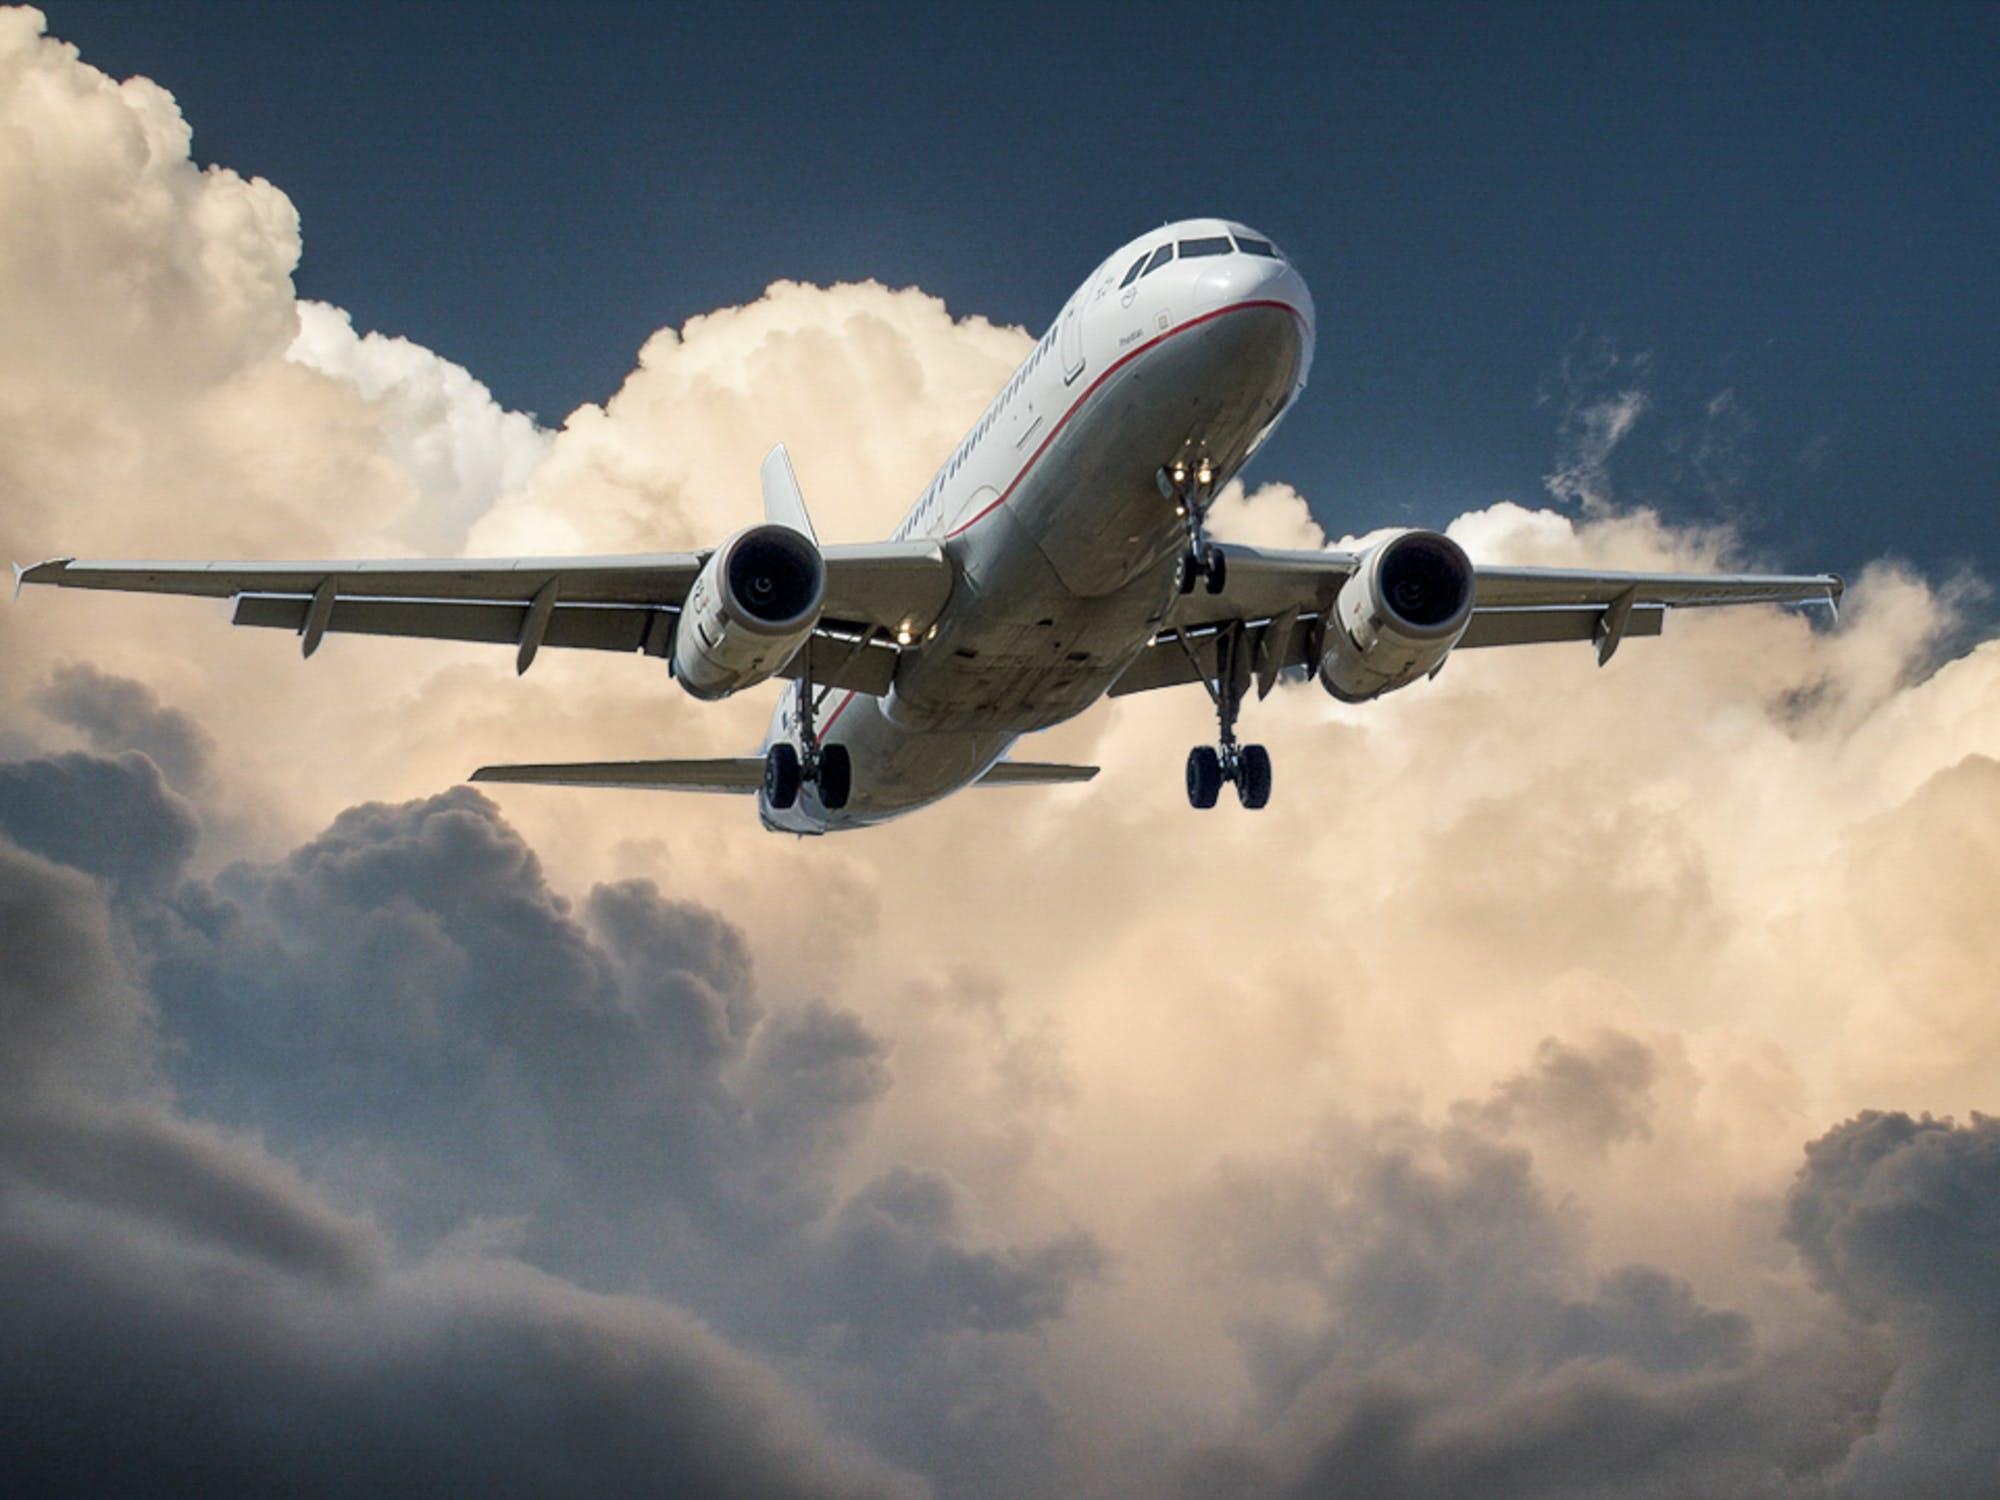 هواپیما در حال پرواز در آسمان